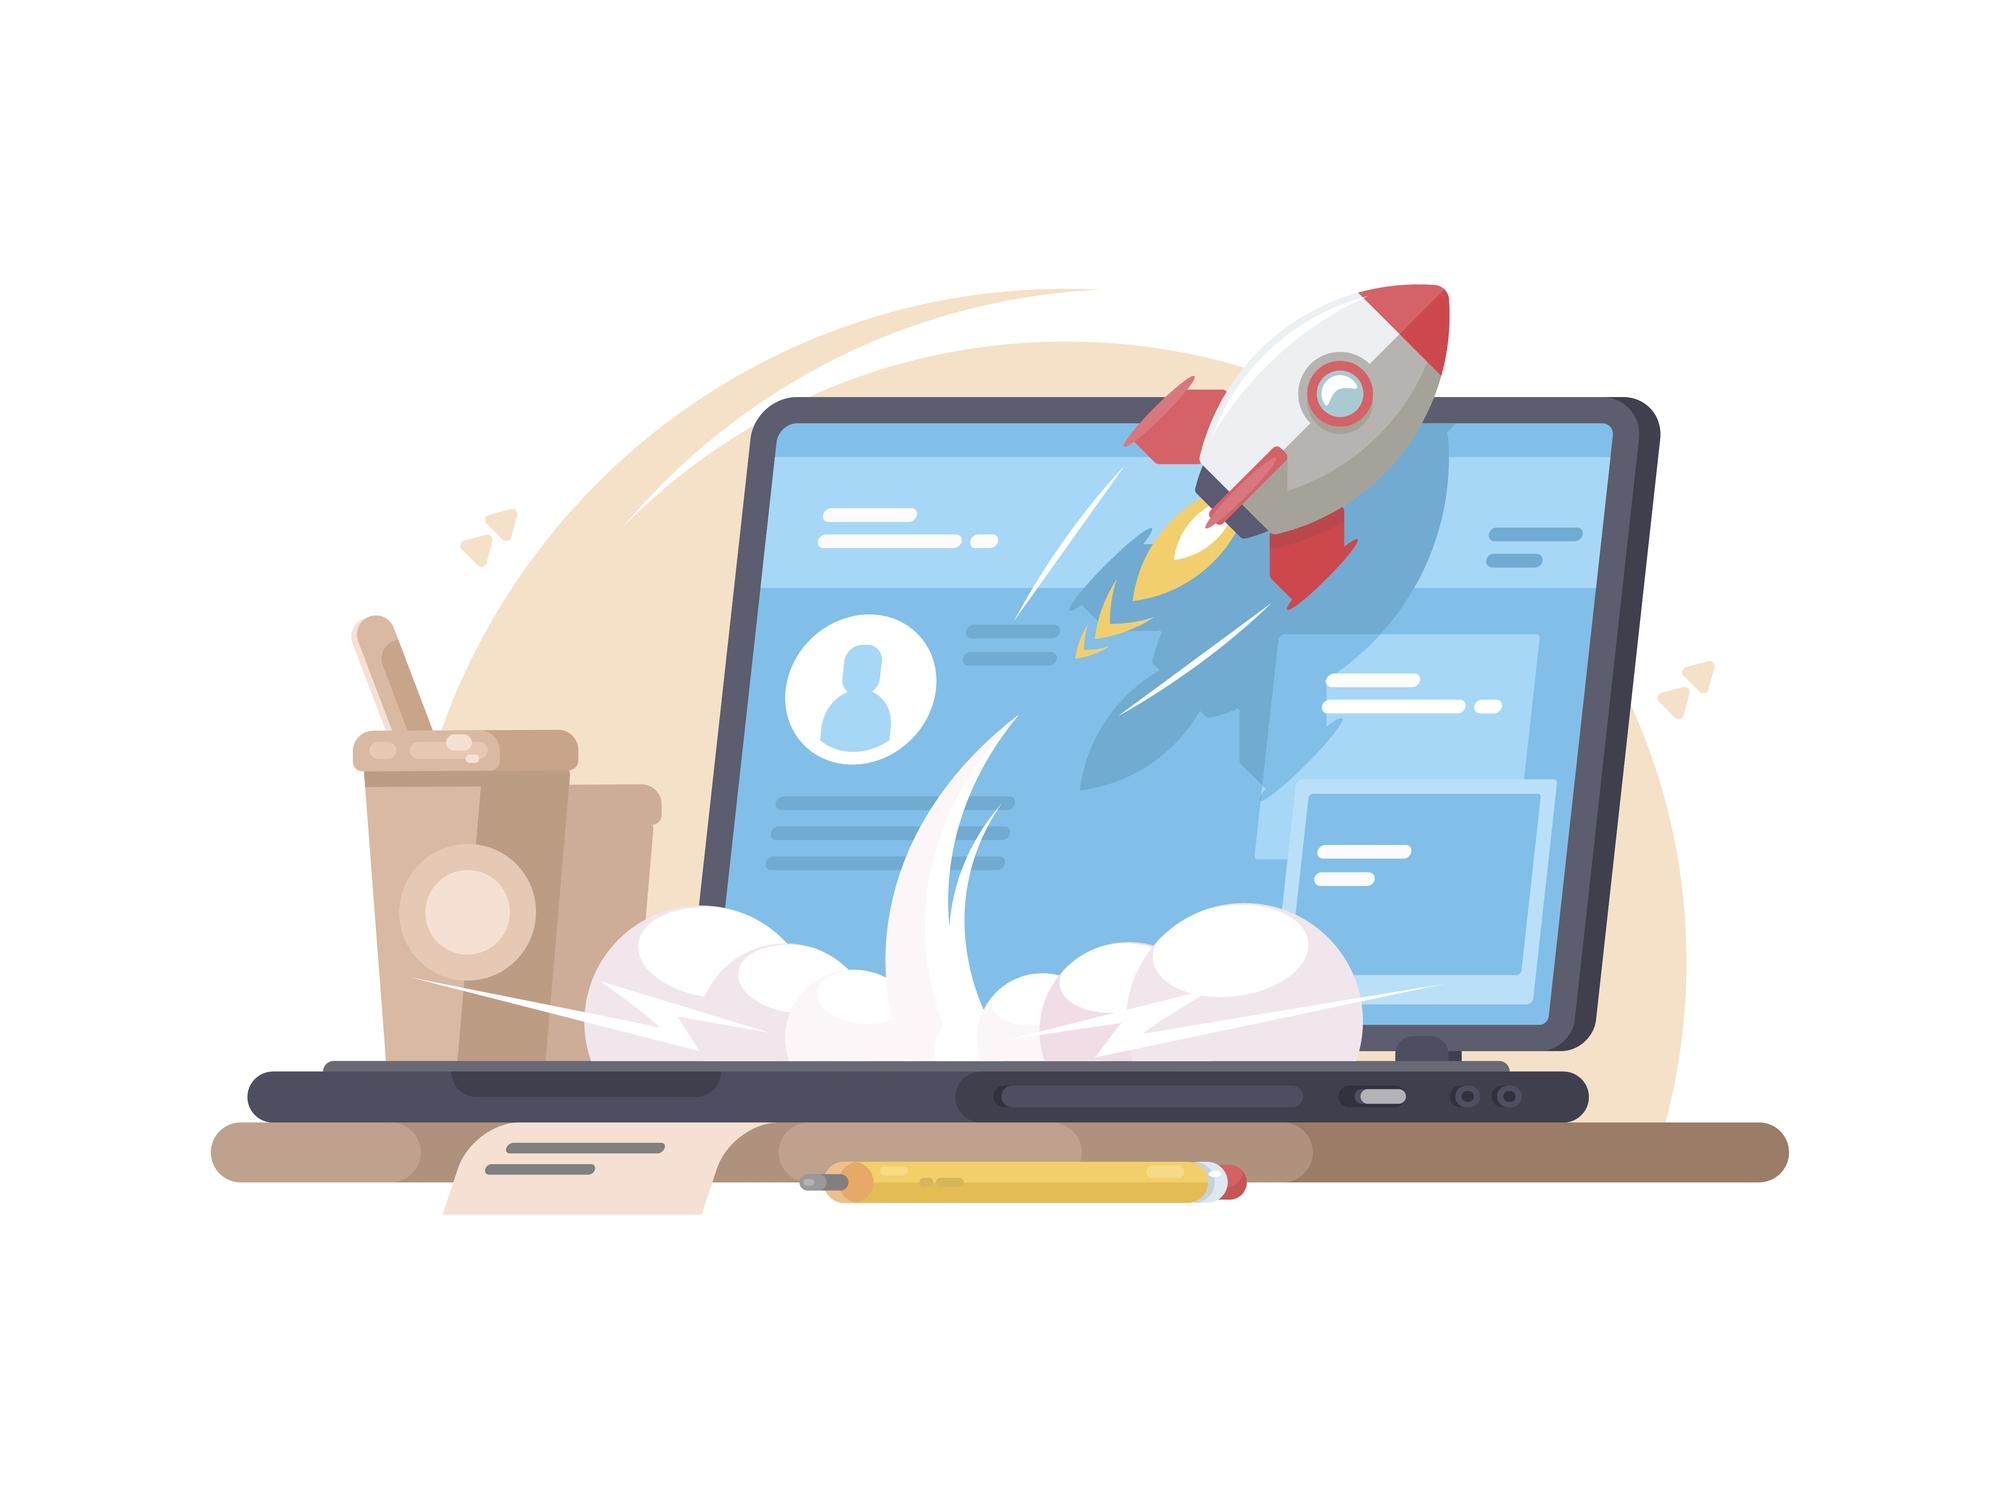 Presetnar tus conocimientos de ofimaticas y herramientas digitales online [PUNIQRANDLINE-(au-dating-names.txt) 52